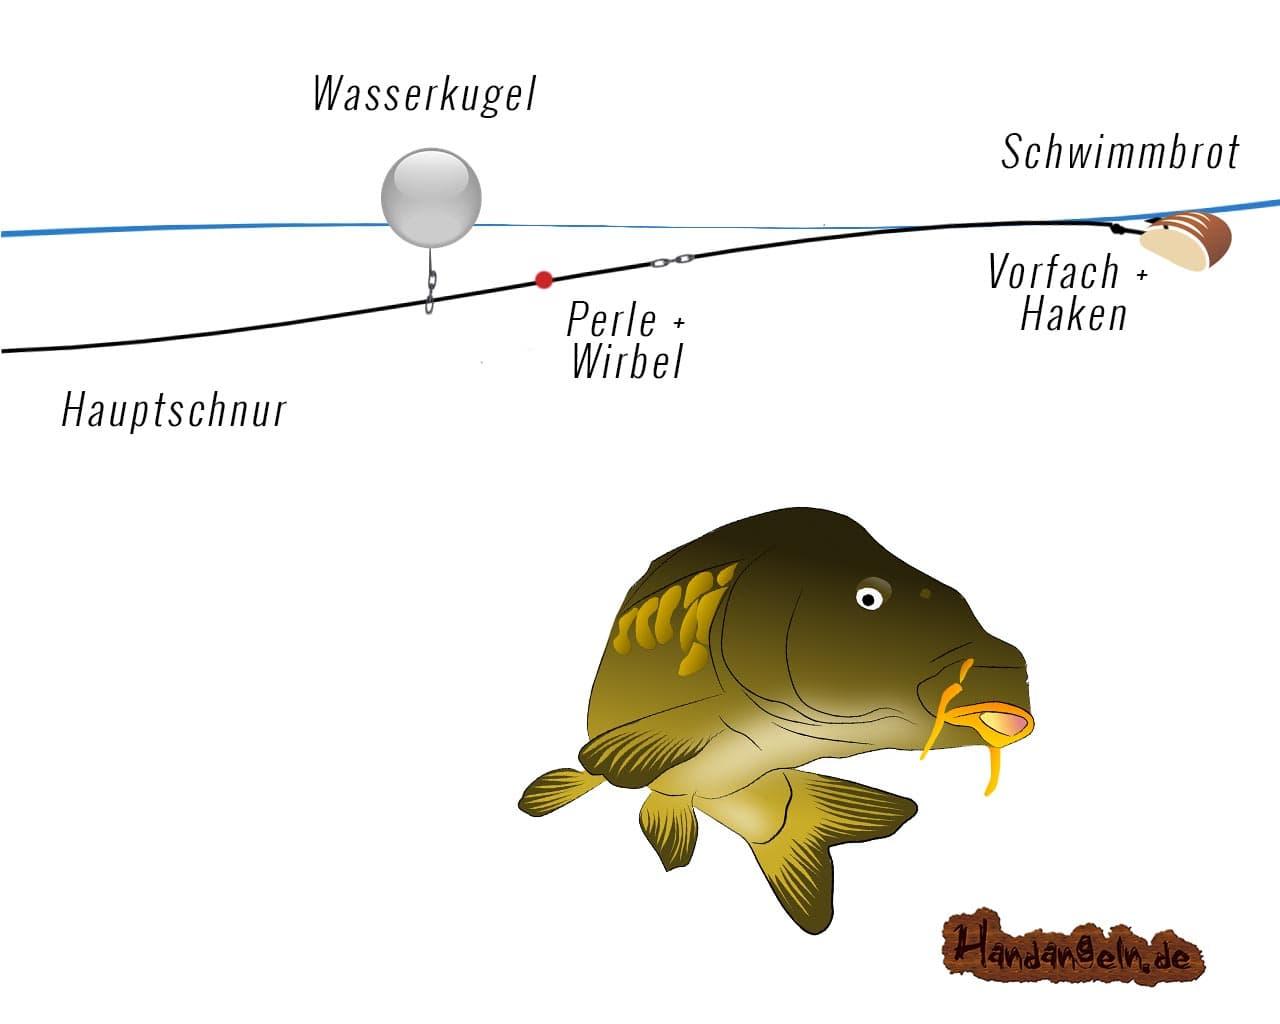 Illustration Wasserkugel Montage Karpfen Schwimmbrot